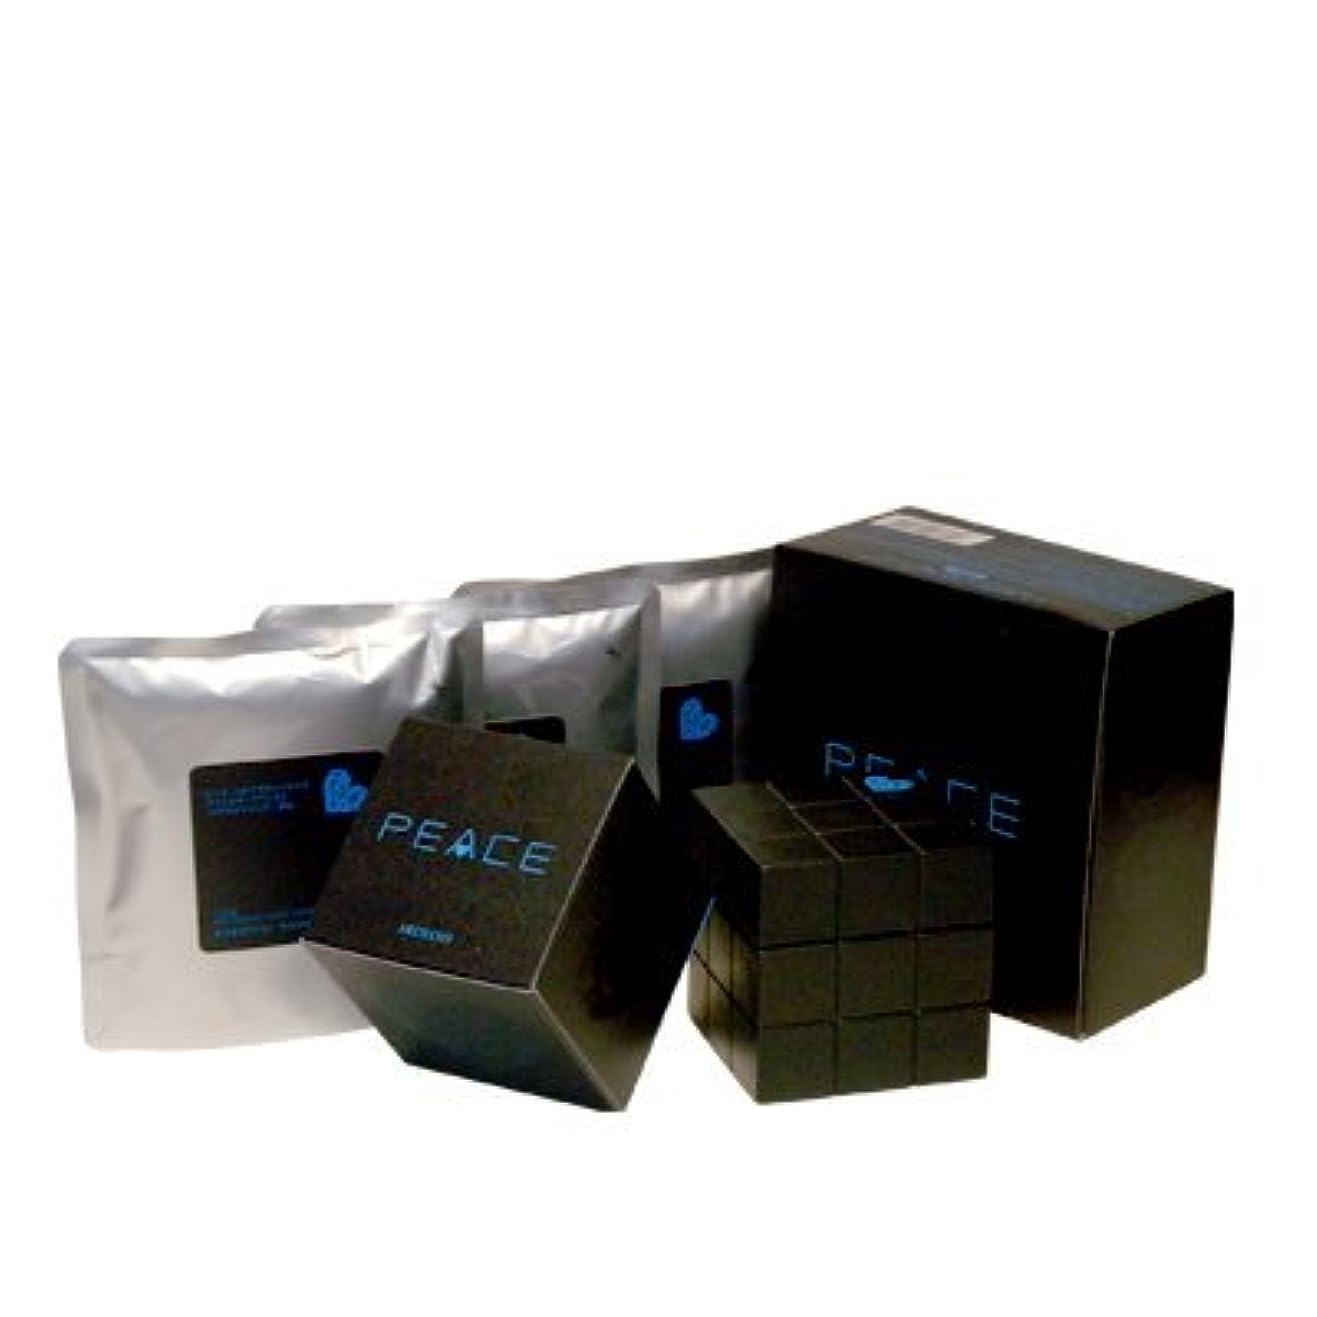 因子行重大アリミノ ピース プロデザインシリーズ フリーズキープワックス ブラック80g+詰め替え80g×3